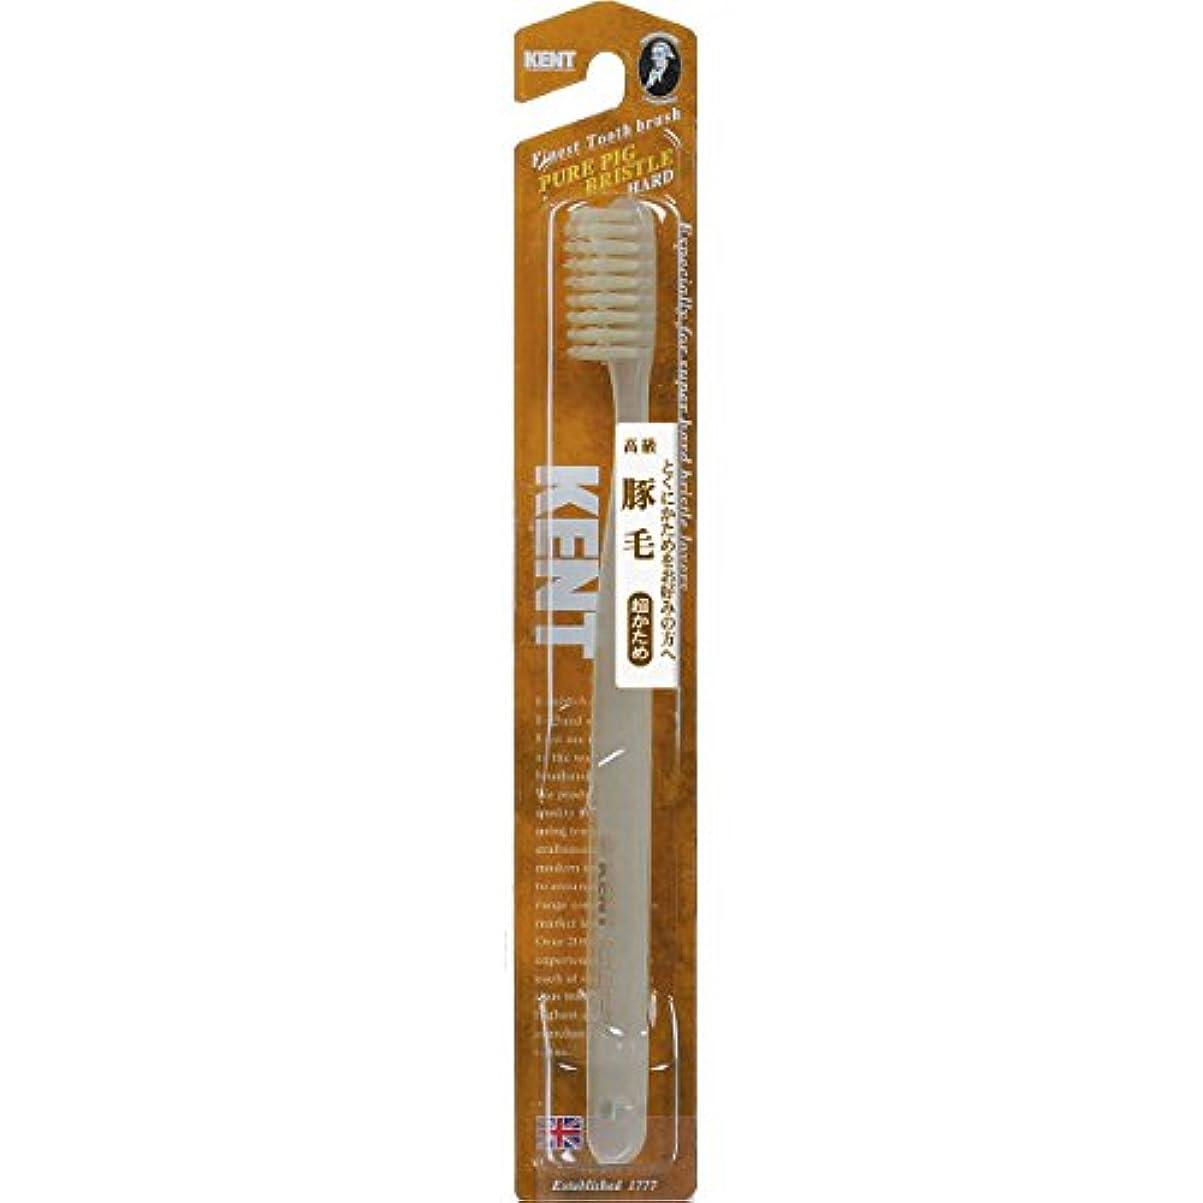 協力する喉が渇いたKENT 豚毛歯ブラシ ラージヘッド 超かため KNT-2433 ×10個セット